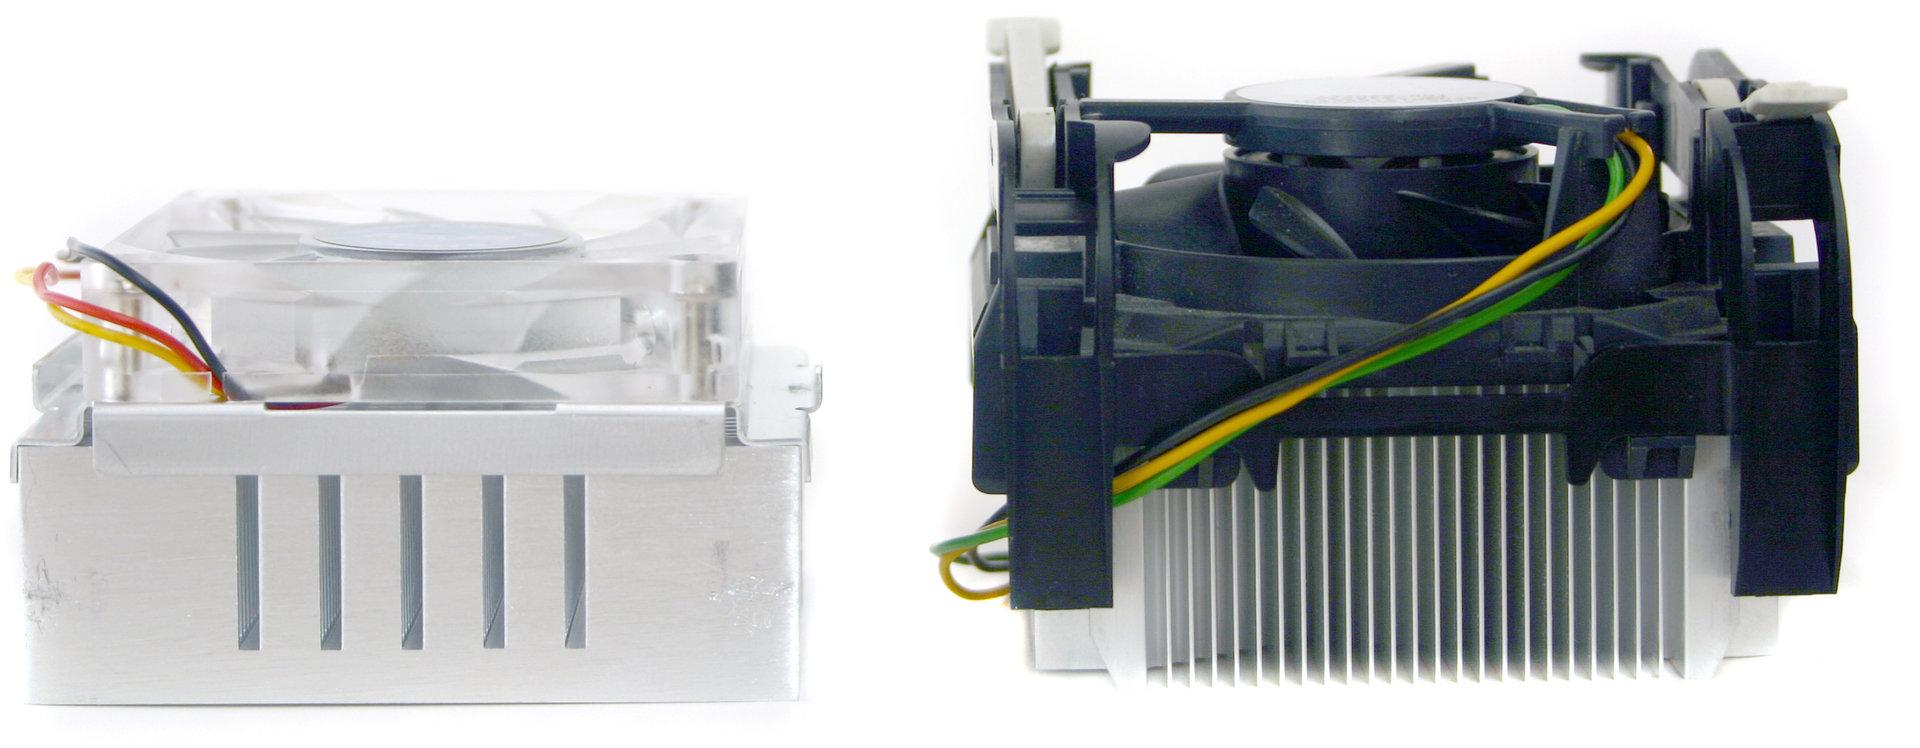 Asus Pentium M Kühler vs. Intel Pentium 4 Boxed Kühler